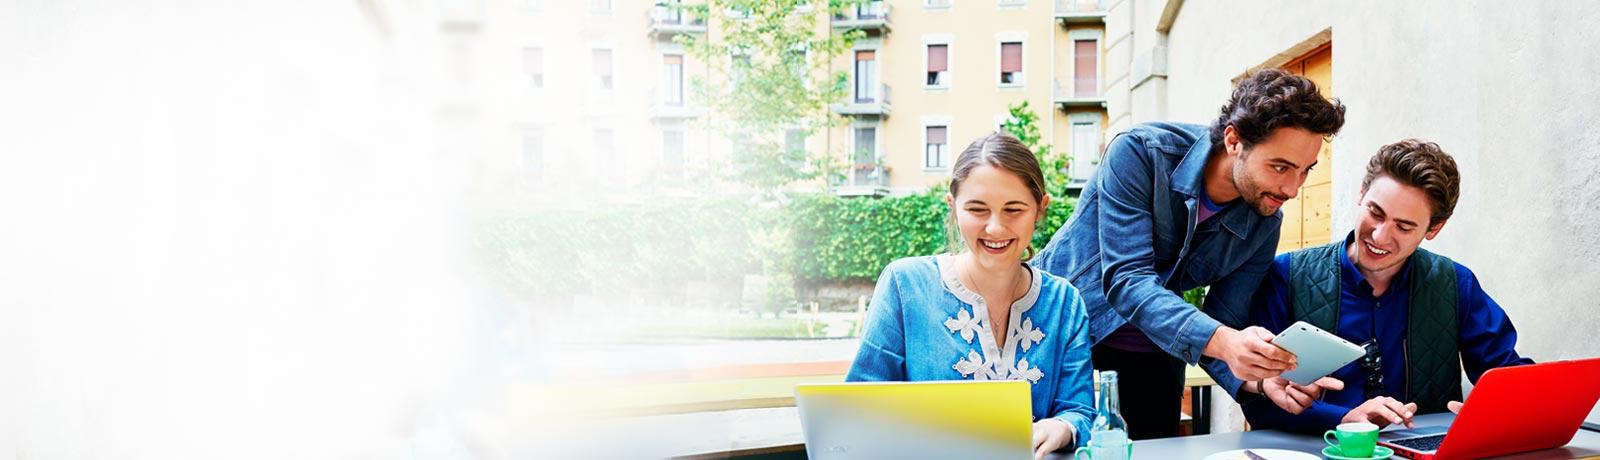 Une femme et deux hommes travaillant ensemble sur des ordinateurs portables et une tablette à la terrasse d'un café.